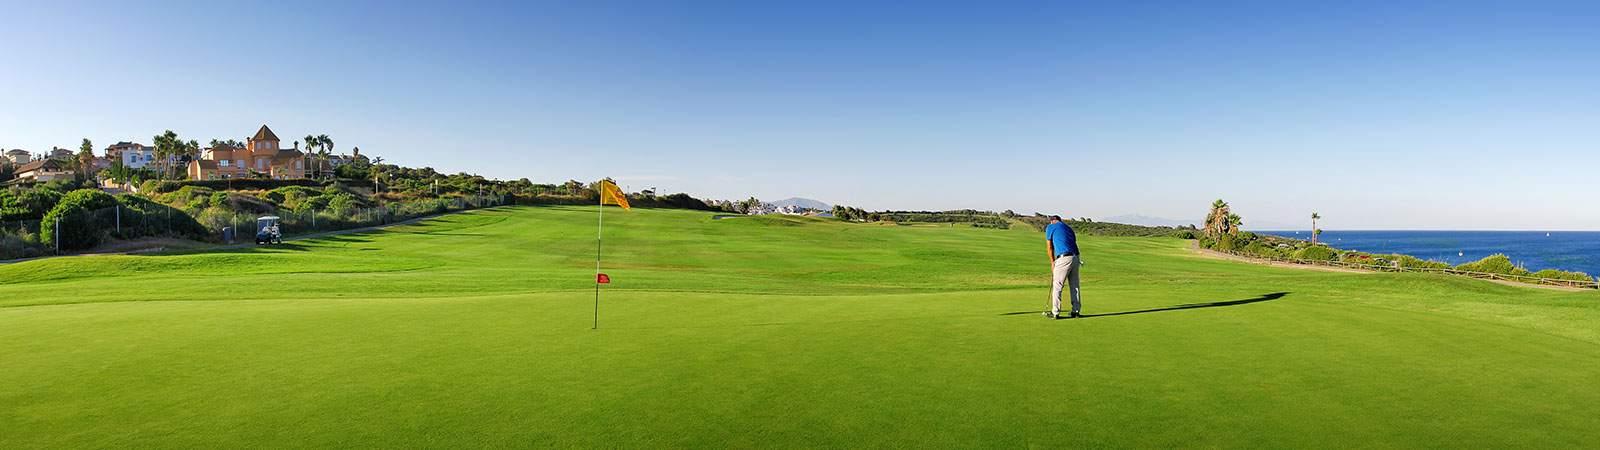 Imagen de Galería de imágenes | Alcaidesa Links Golf Resort